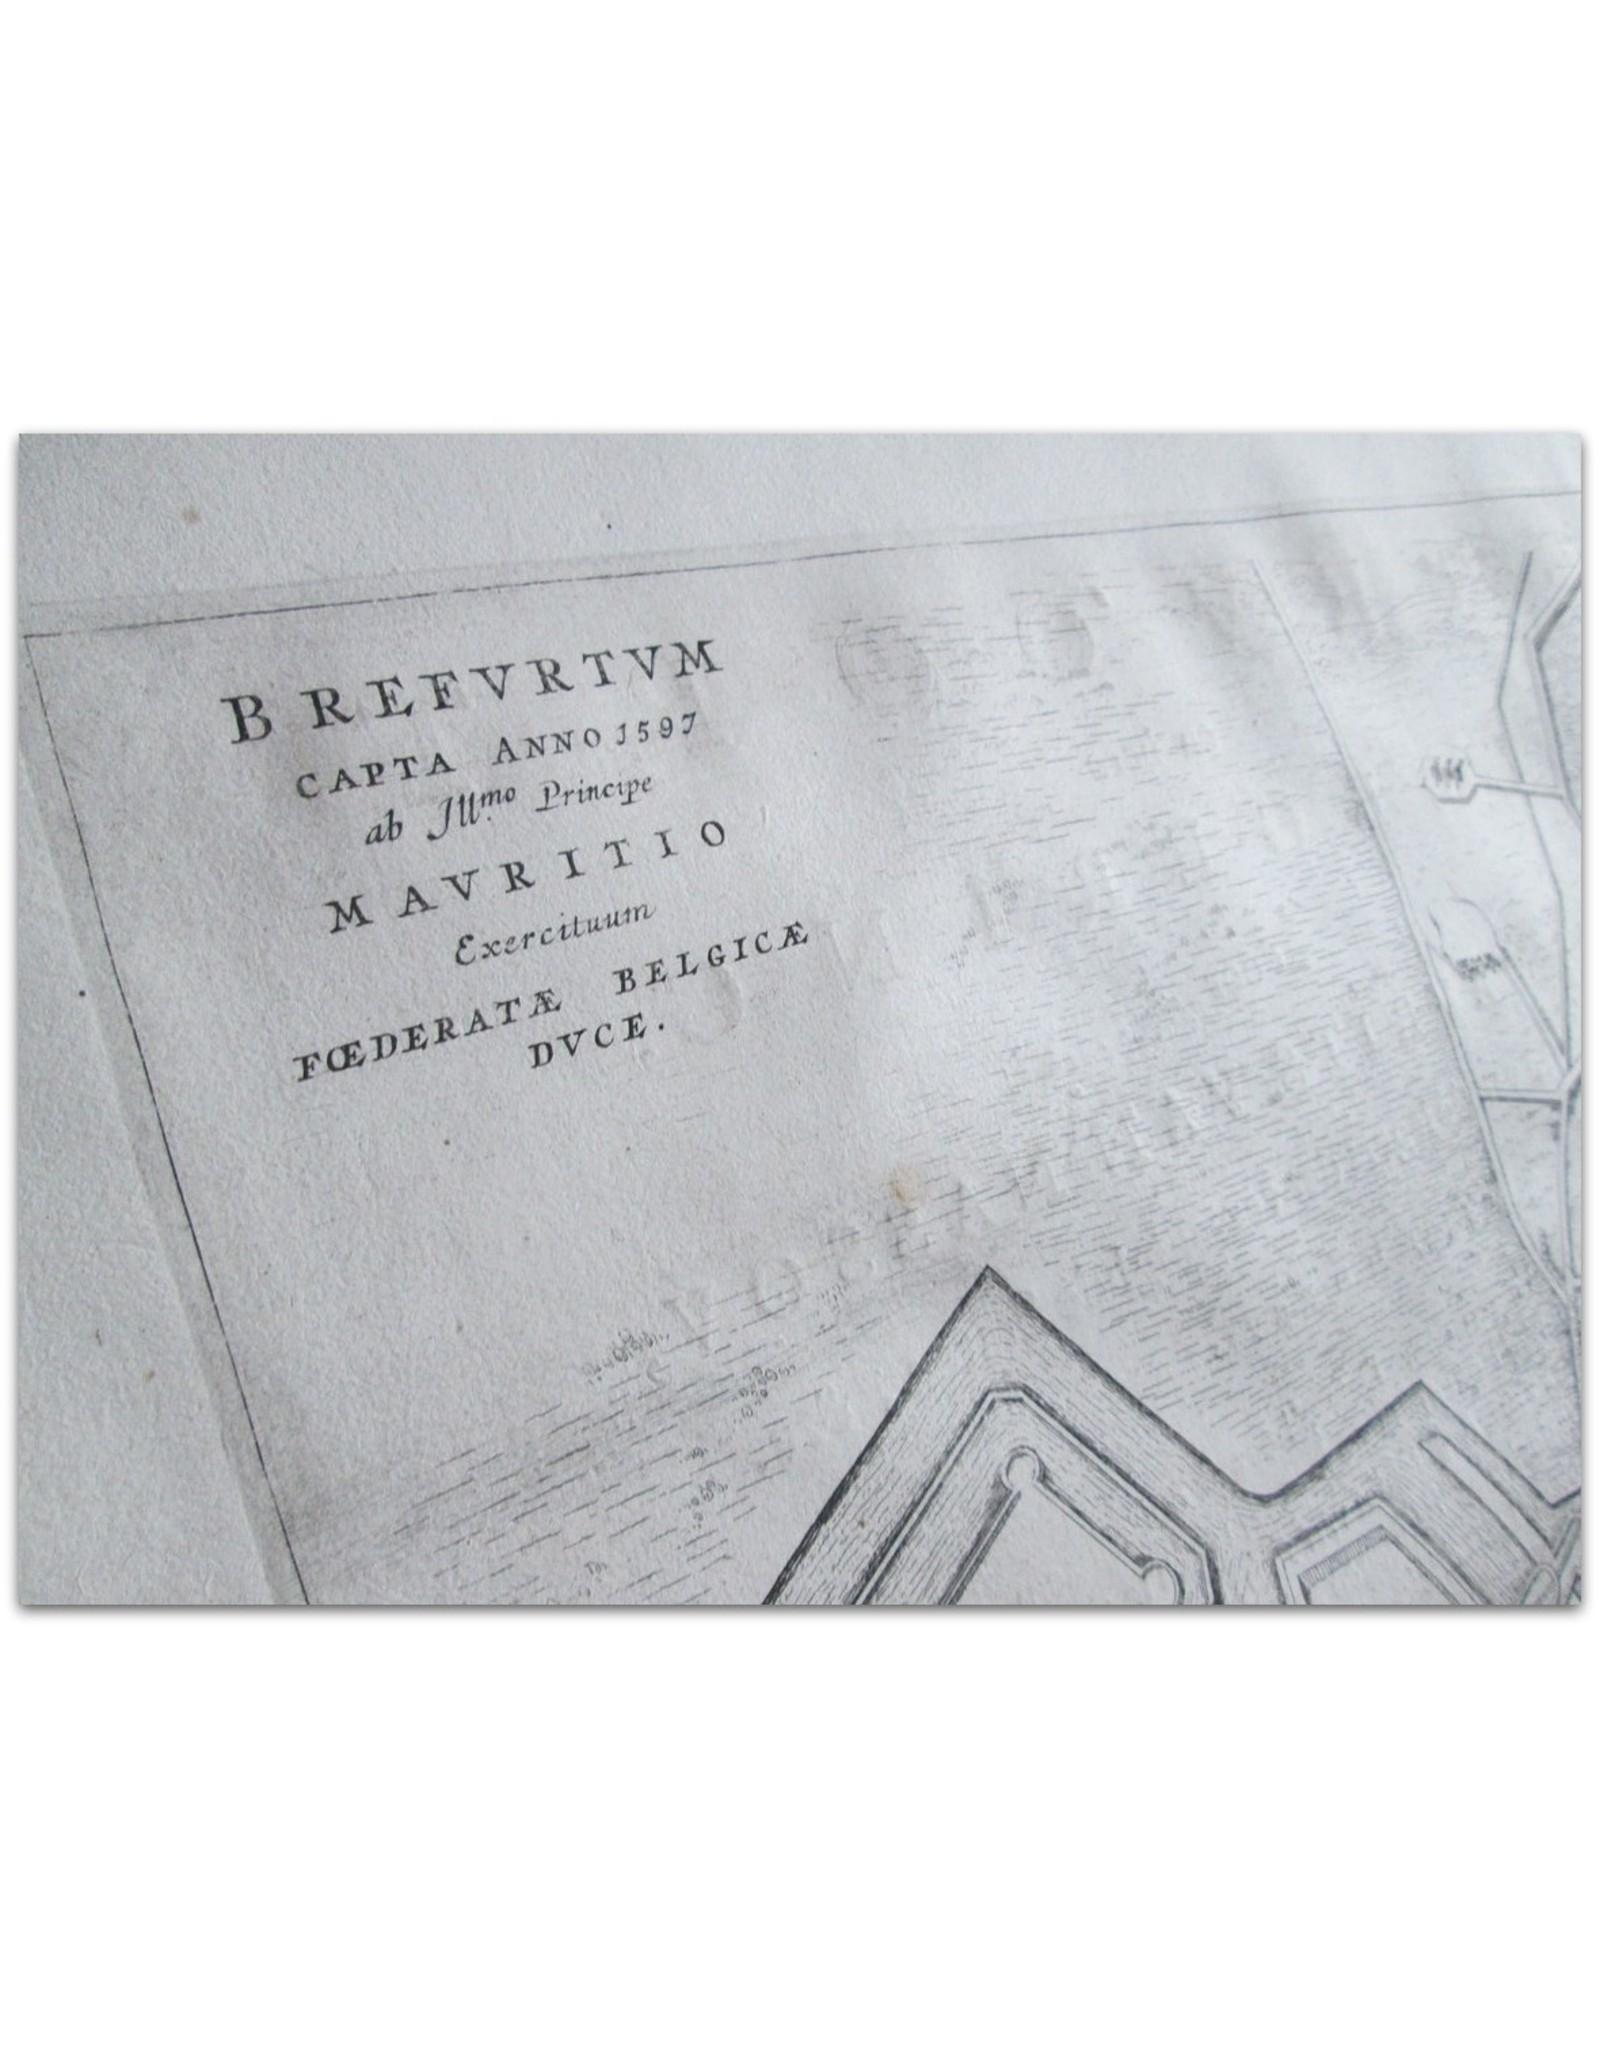 Joan Blaeu - Breevoort. Brefvrtvm capta anno 1597 ab Ill.mo Principe Mavritio Exercituum Foederatae Belgicae Dvce